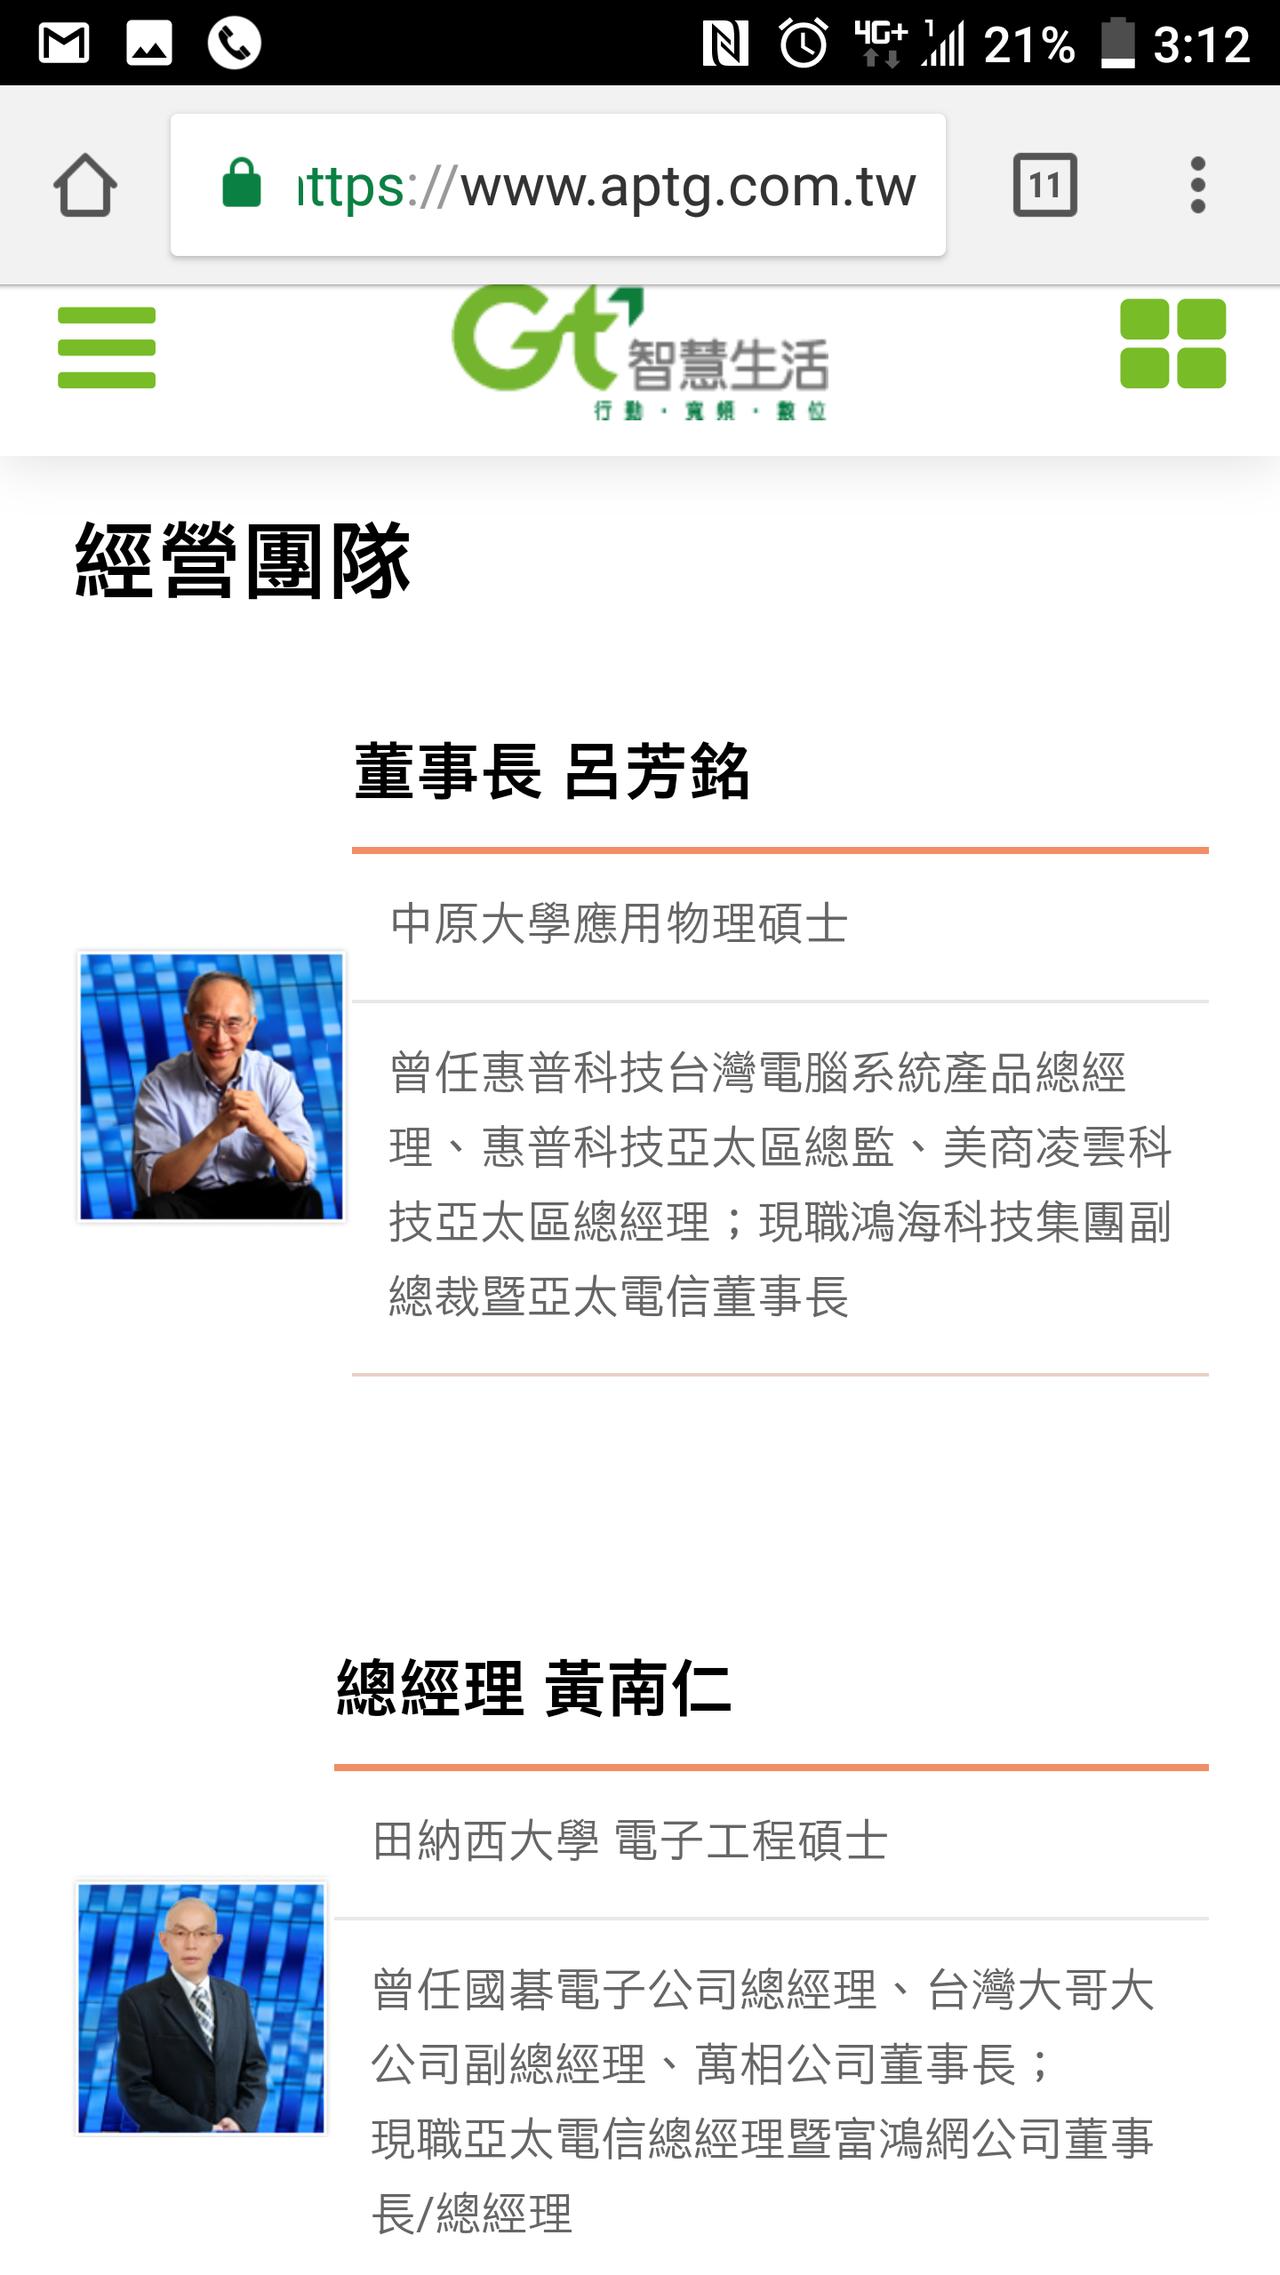 亞太電信總經理由黃南仁接任。 圖/擷取自亞太電信官網